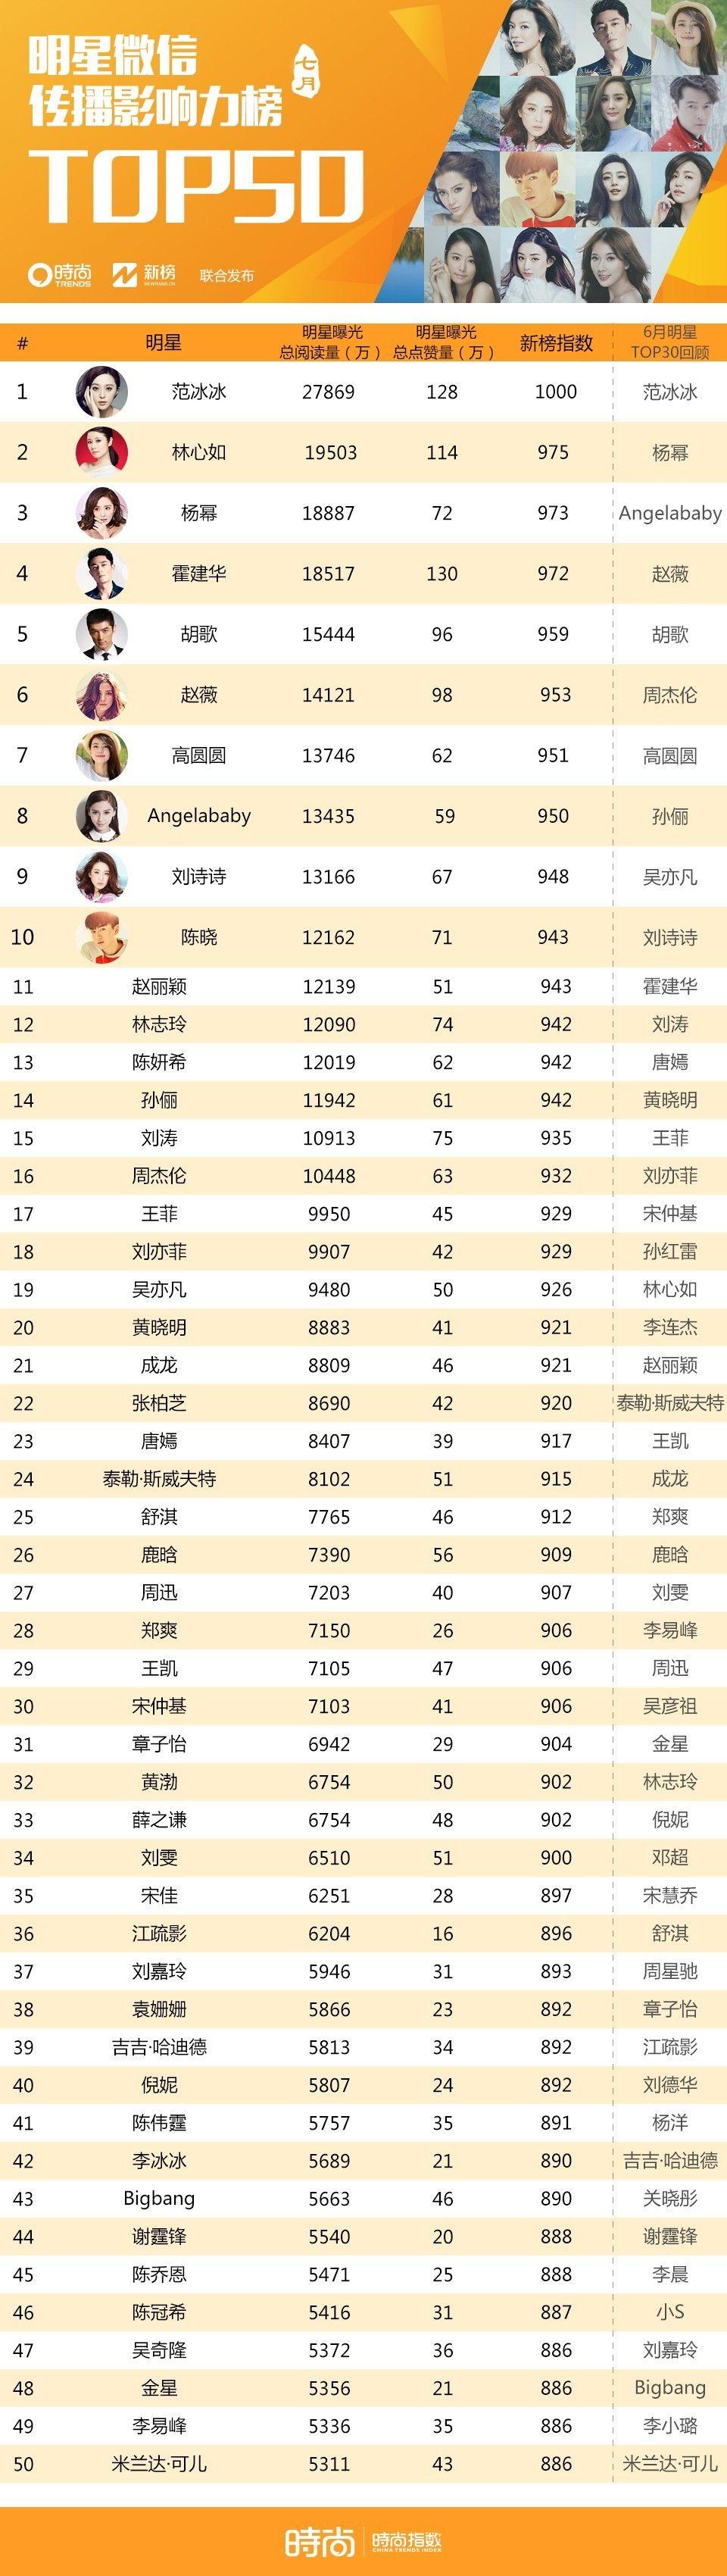 重磅|时尚品牌微信影响力月榜Vol.4-时尚集团x新榜